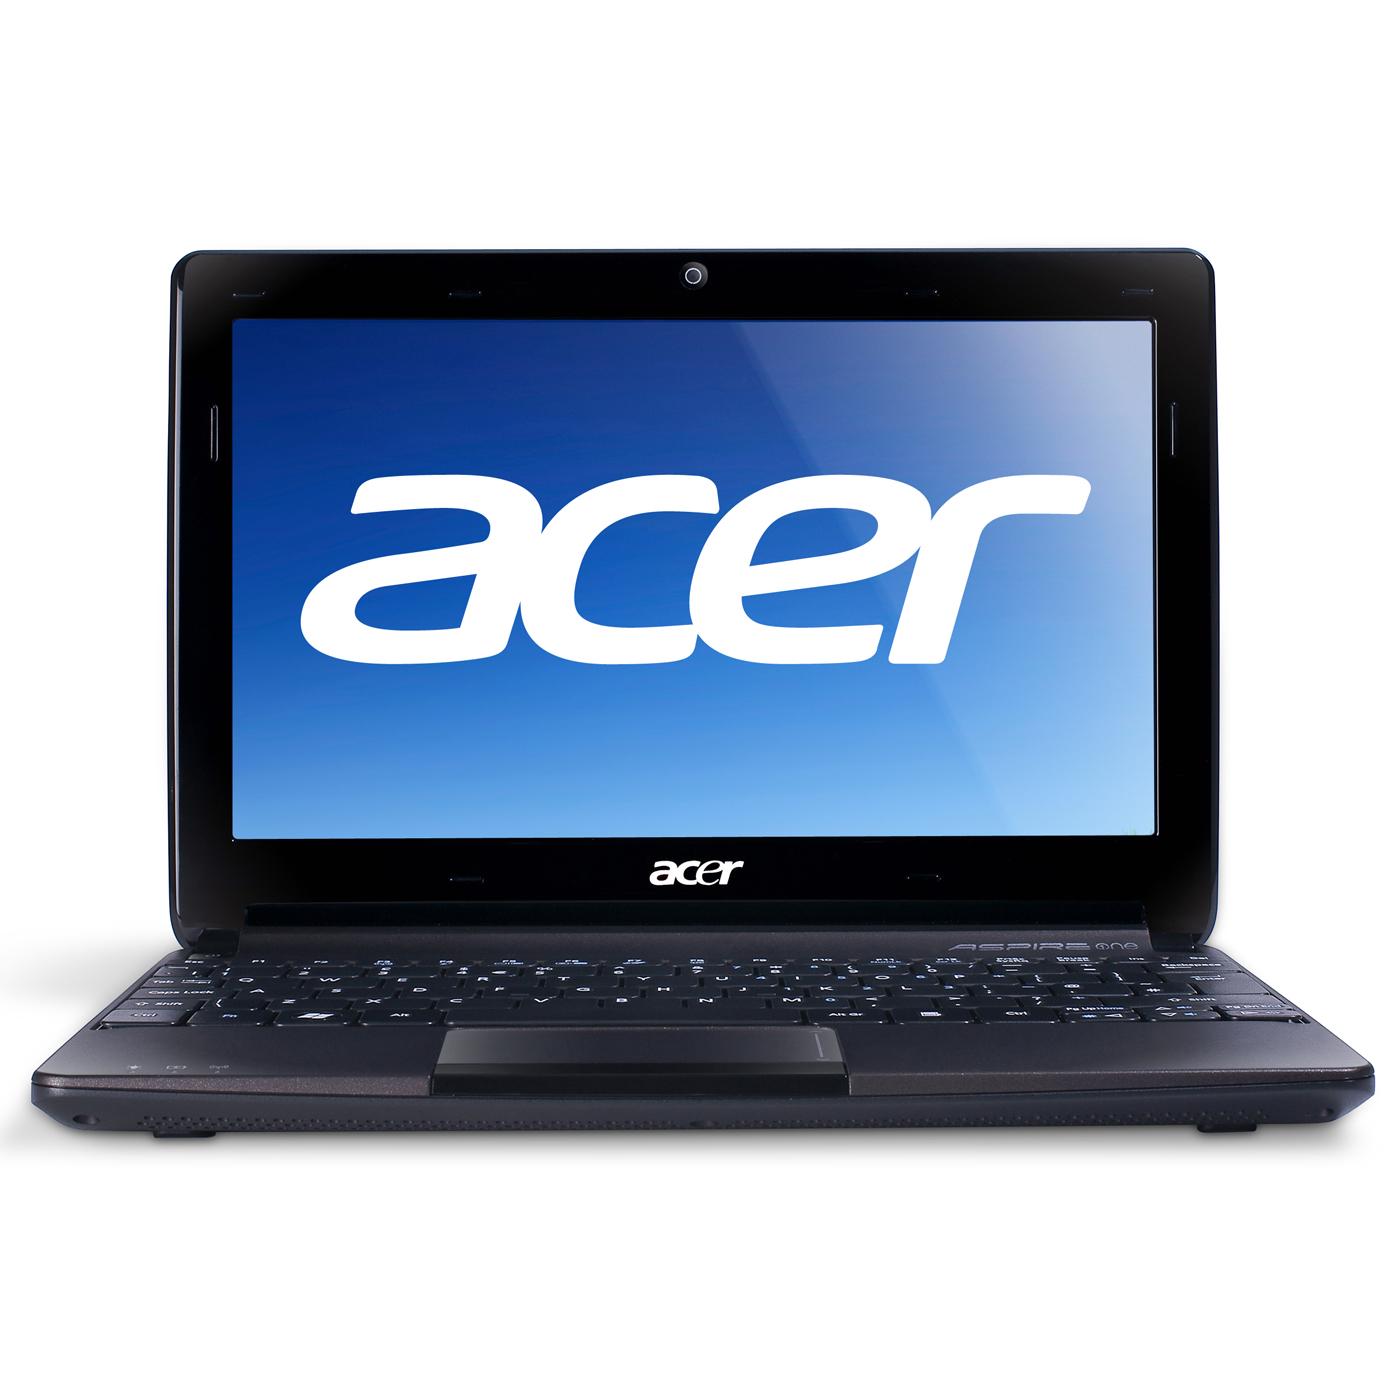 Acer Aspire One 722 C62KK Noir AMD C 60 4 Go 500 116 LED Wi Fi N Webcam Windows 7 Premium